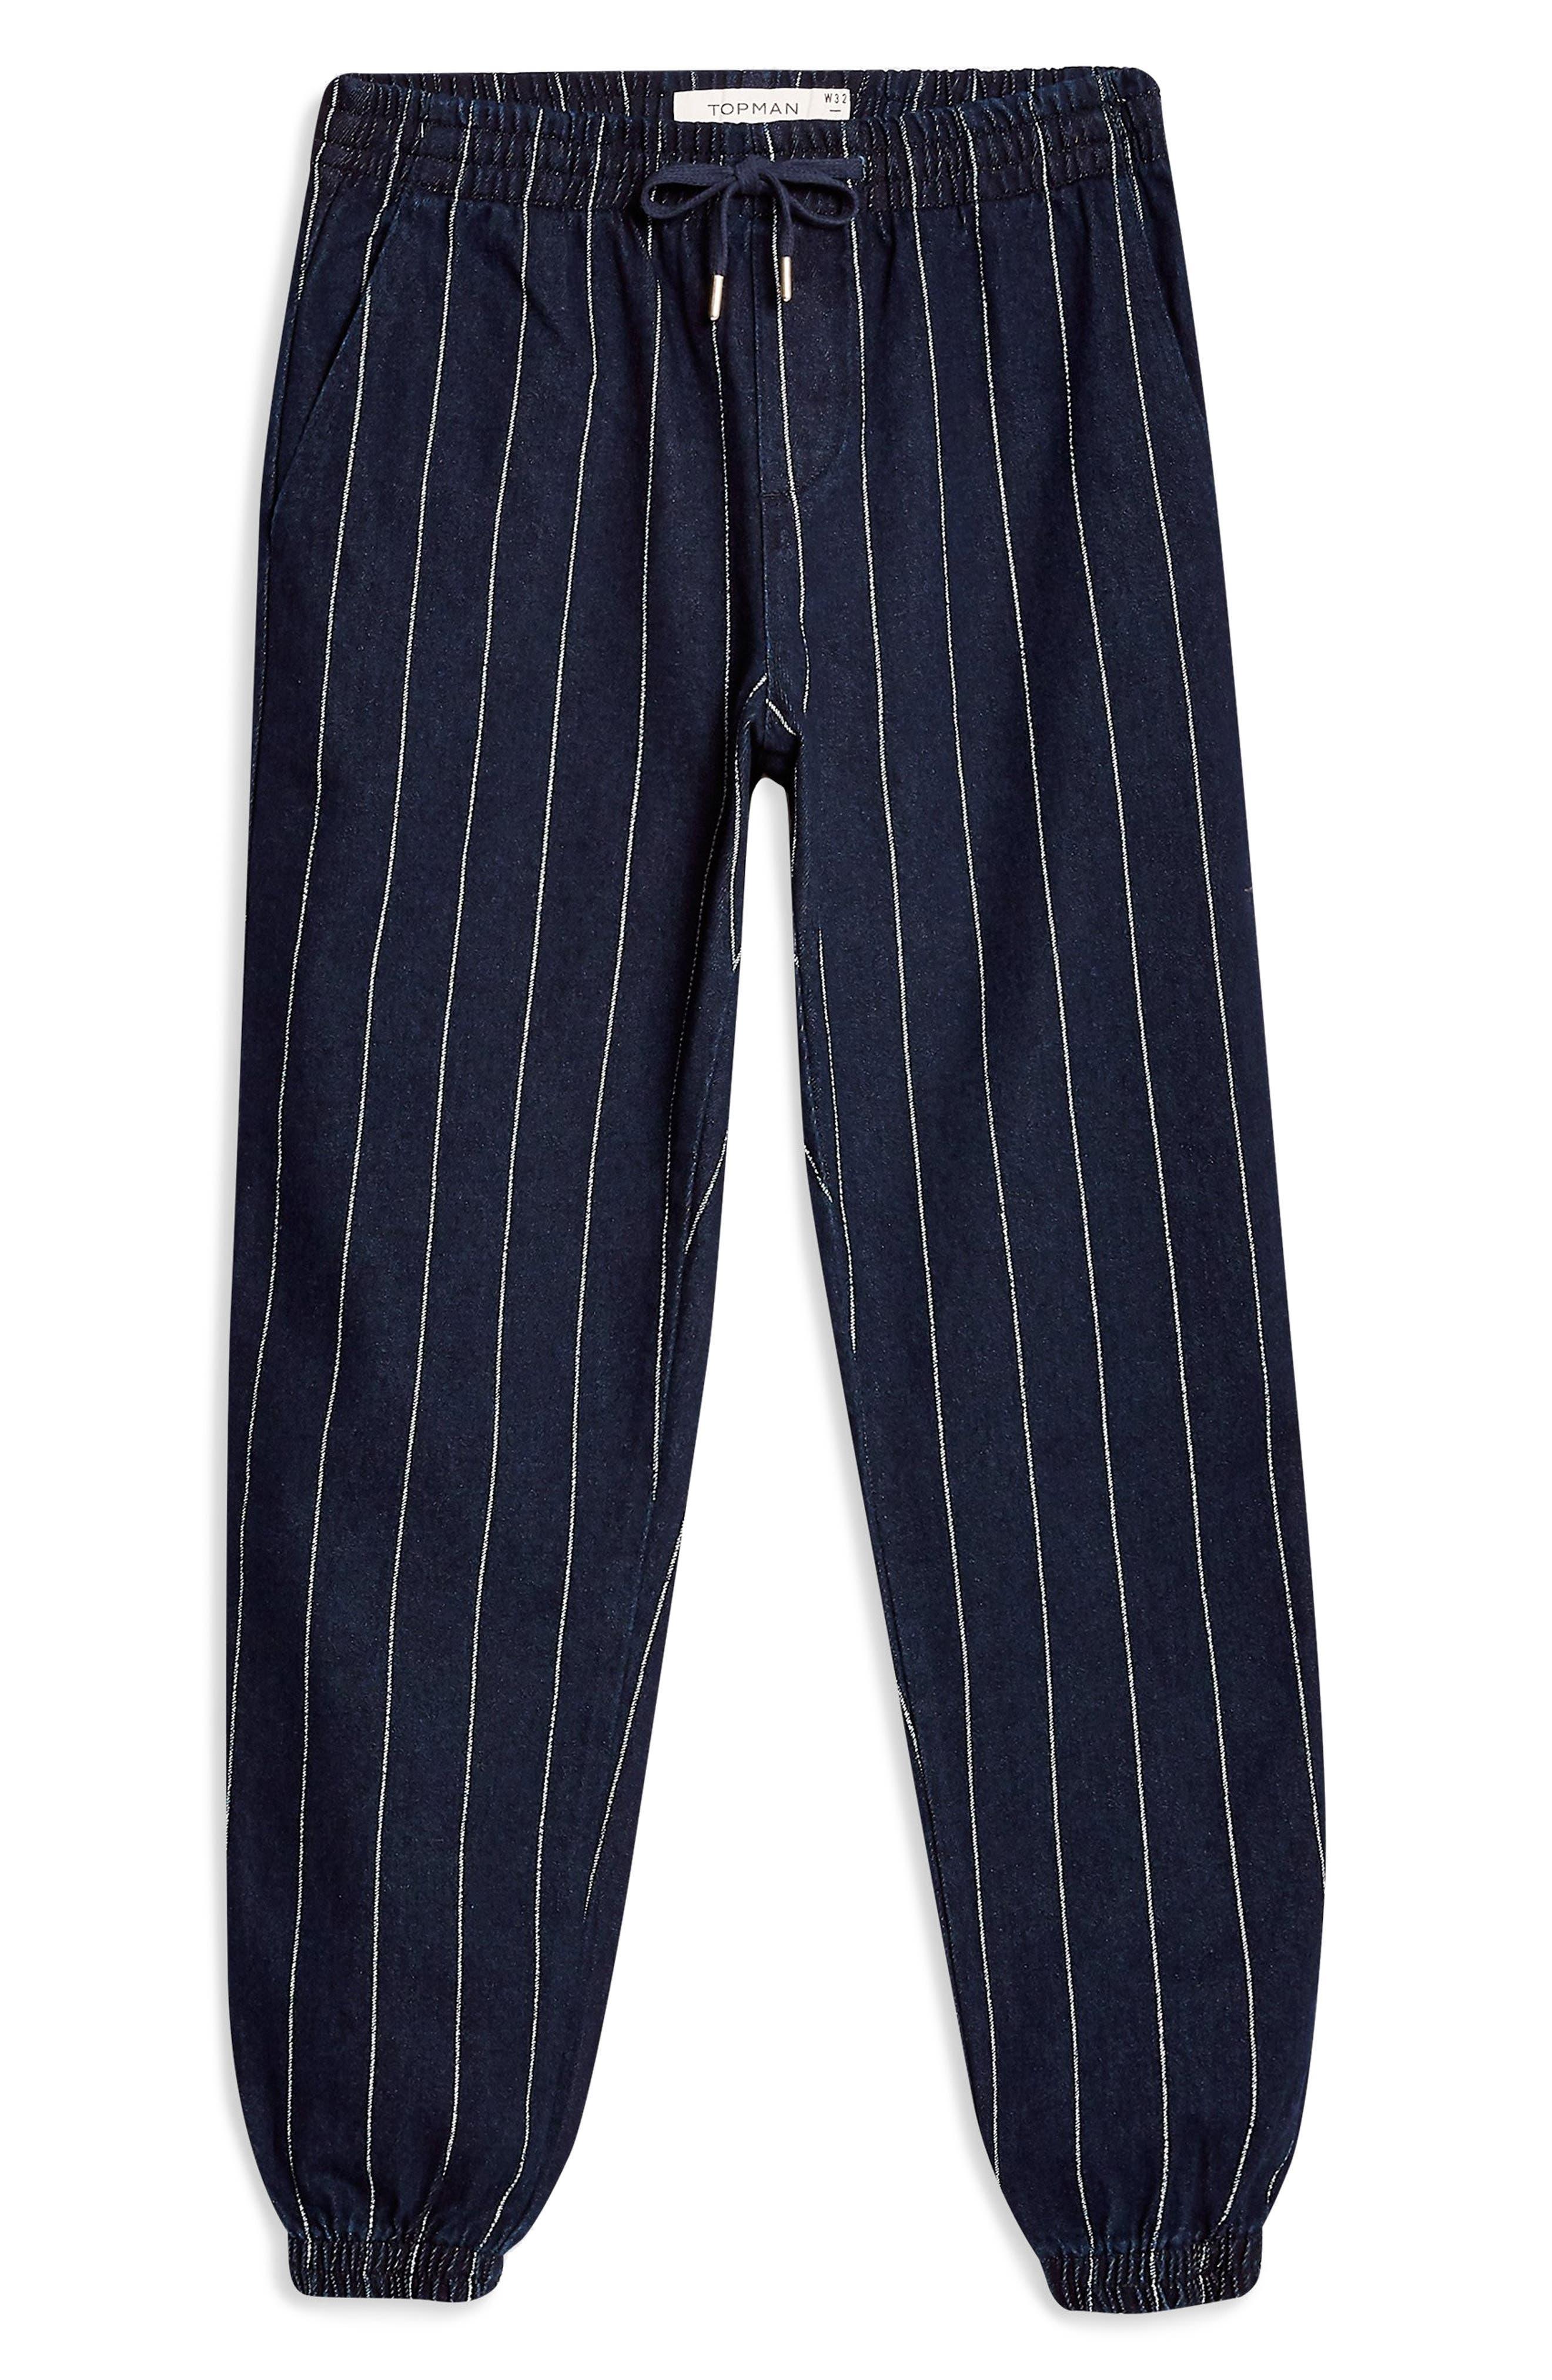 Stripe Jogger Pants,                             Alternate thumbnail 3, color,                             DARK BLUE